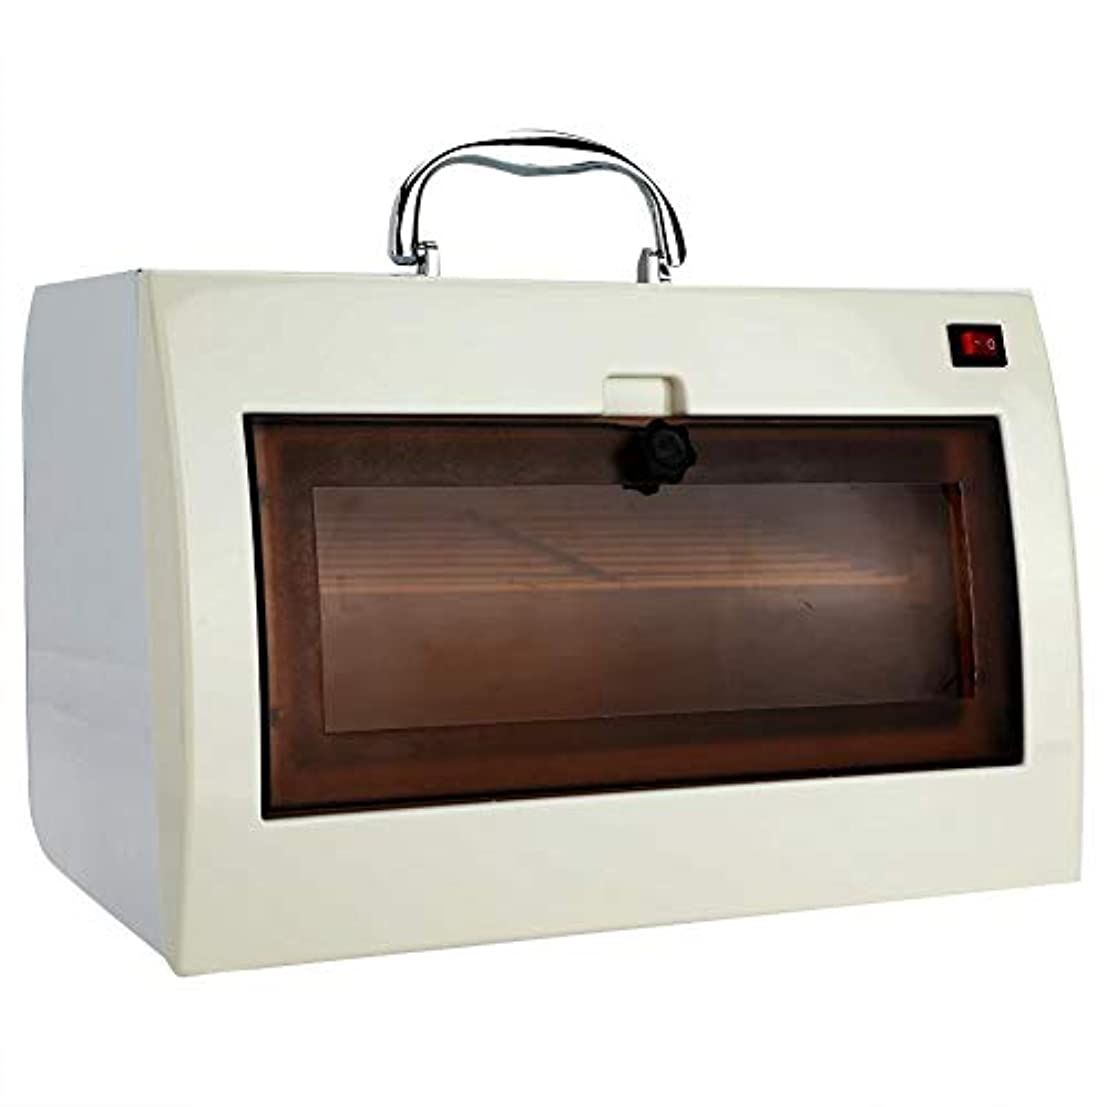 サーキットに行く暴行摂氏度タオルウォーマー 消毒ボックス UV オゾン滅菌キャビネット ネイルツール用 タオルおよびホットハサミ用美容滅菌装置美容院 (1)